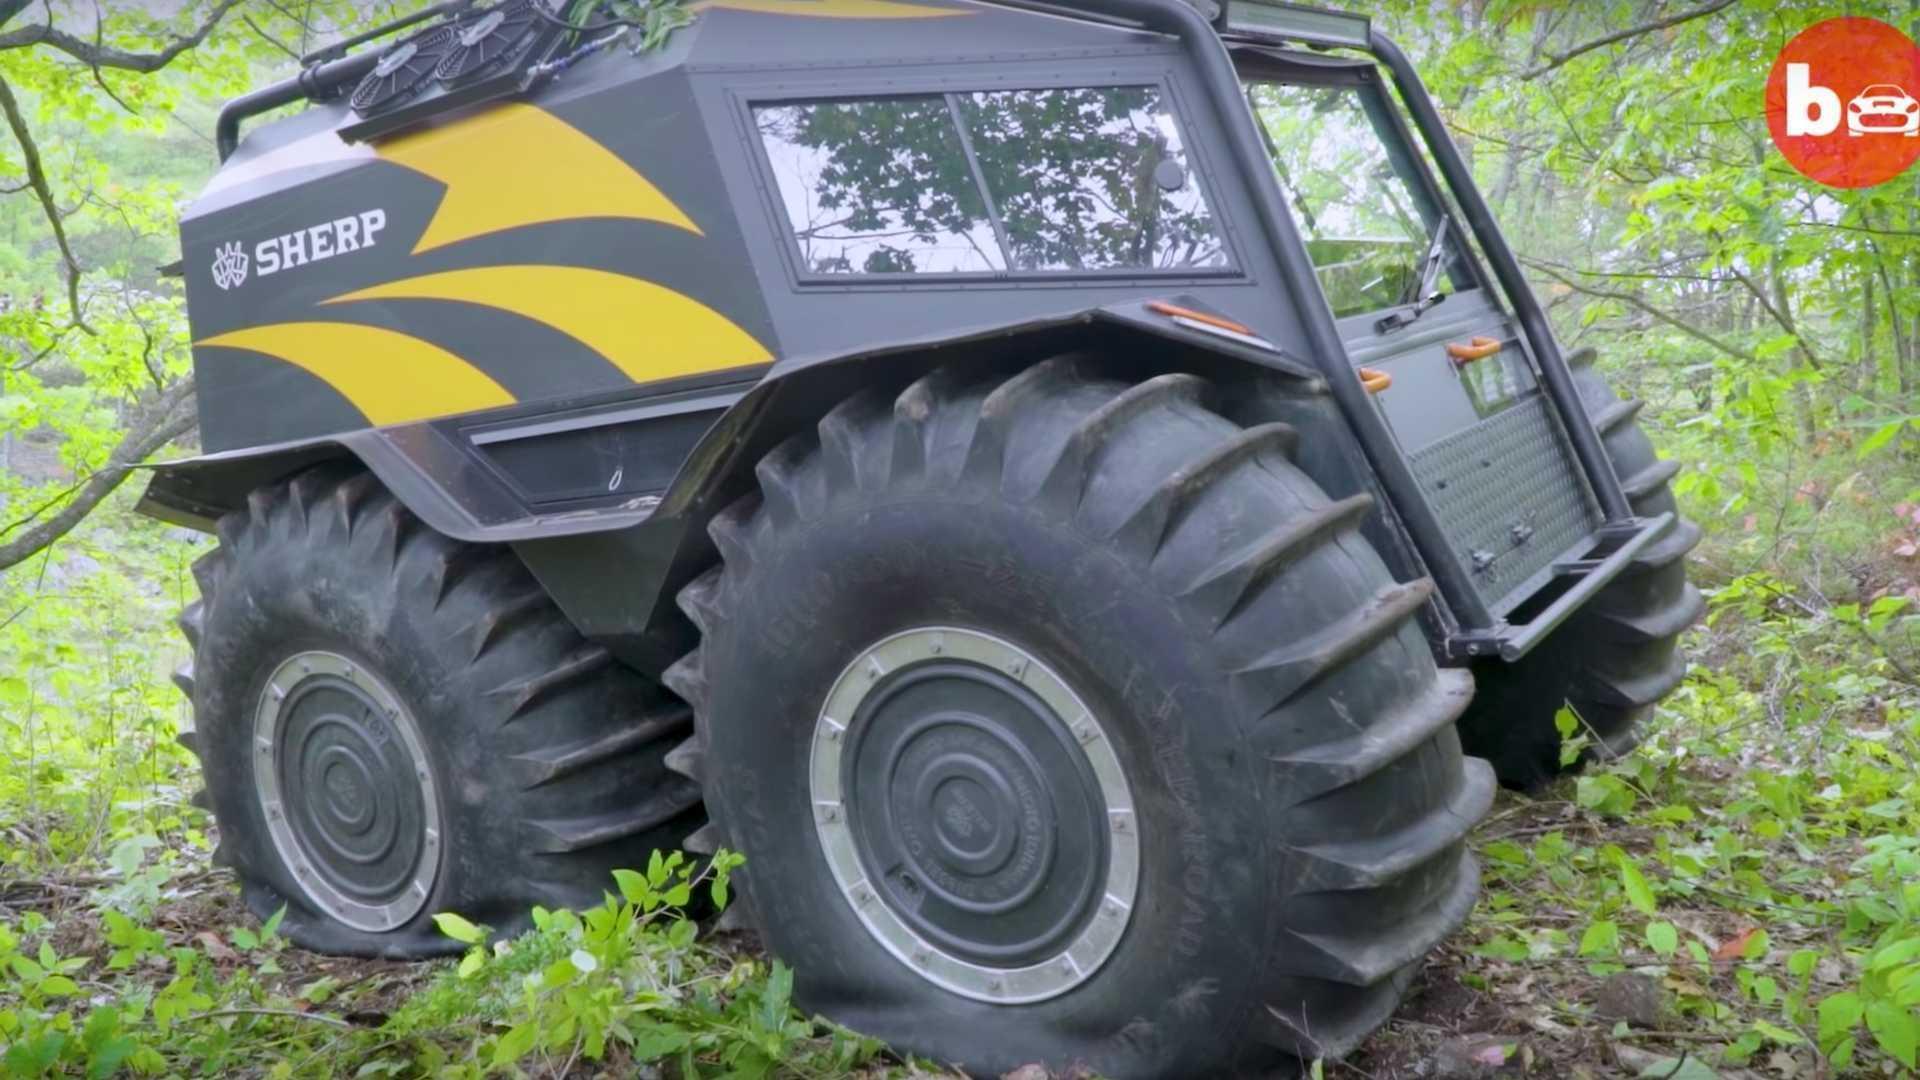 Ấn tượng ô tô Sherp ATV bất chấp mọi địa hình, có thể nổi trên nước Ảnh 3